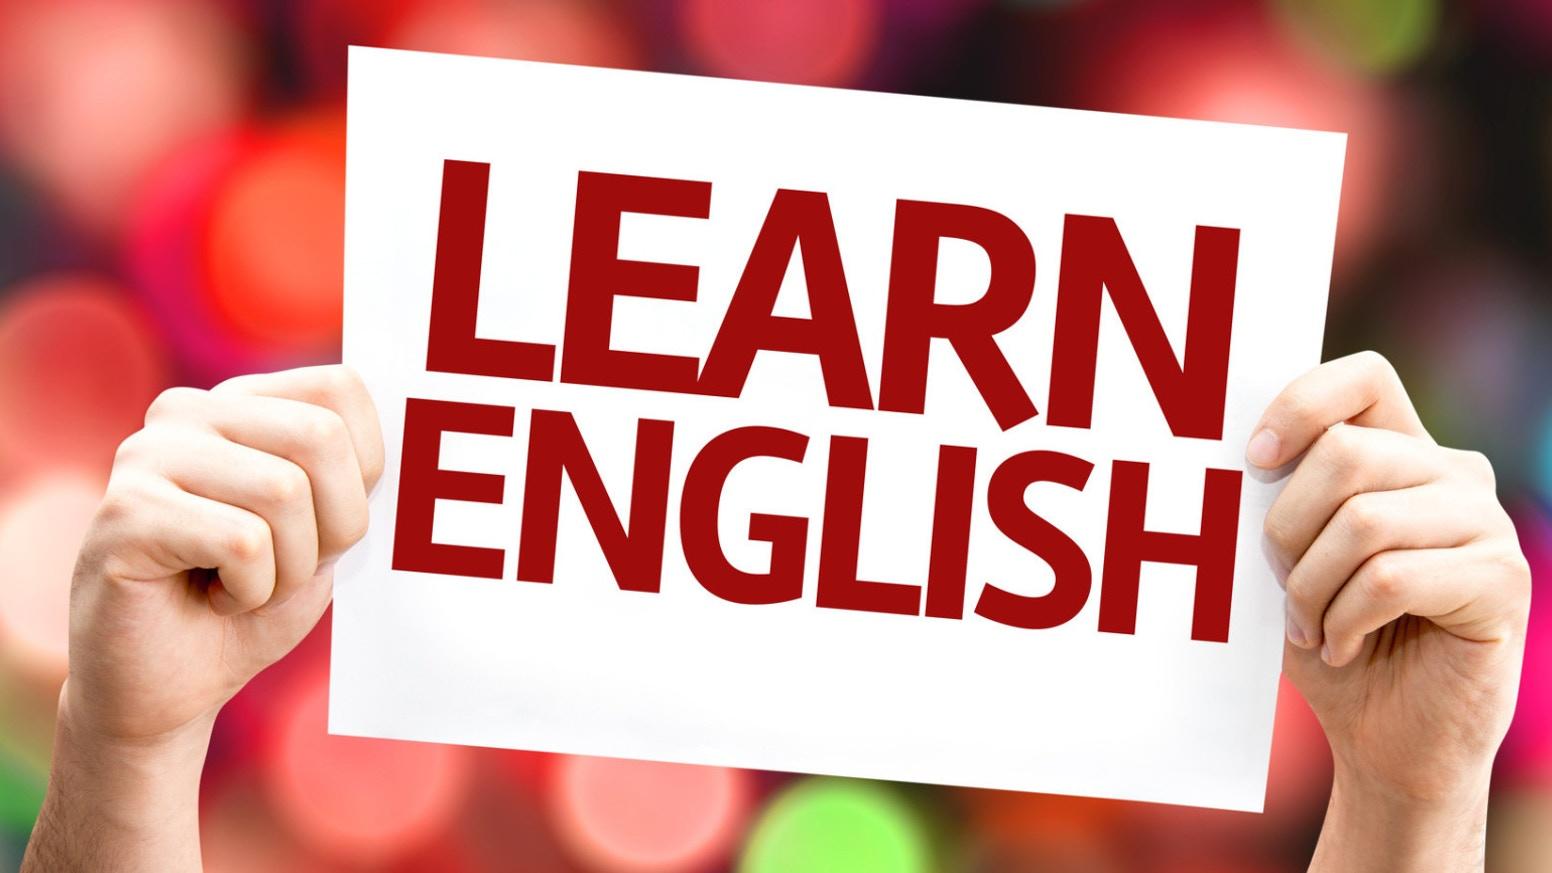 أفضل تطبيقات لتعلم اللغة الانجليزية من البداية حتى الإحتراف 2012